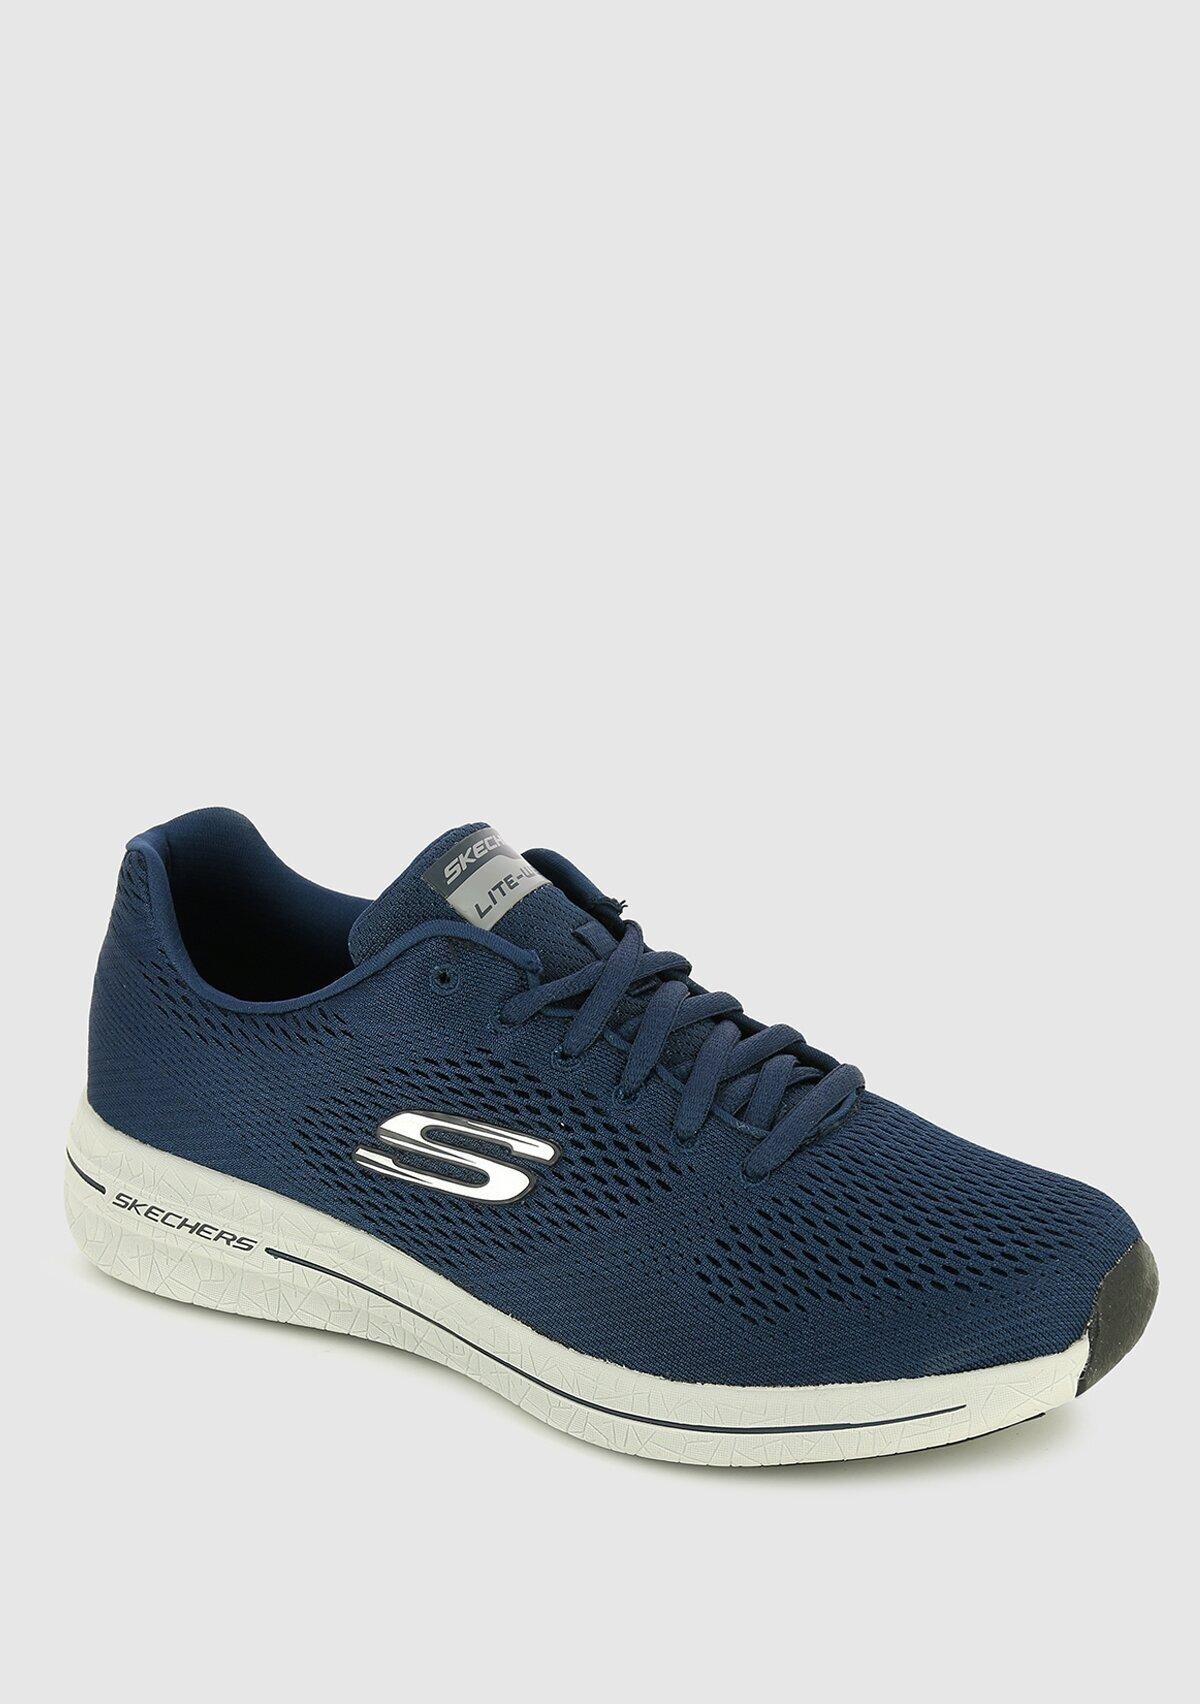 resm Burst 2.0 Lacivert Erkek Sneaker 999739Nvgy